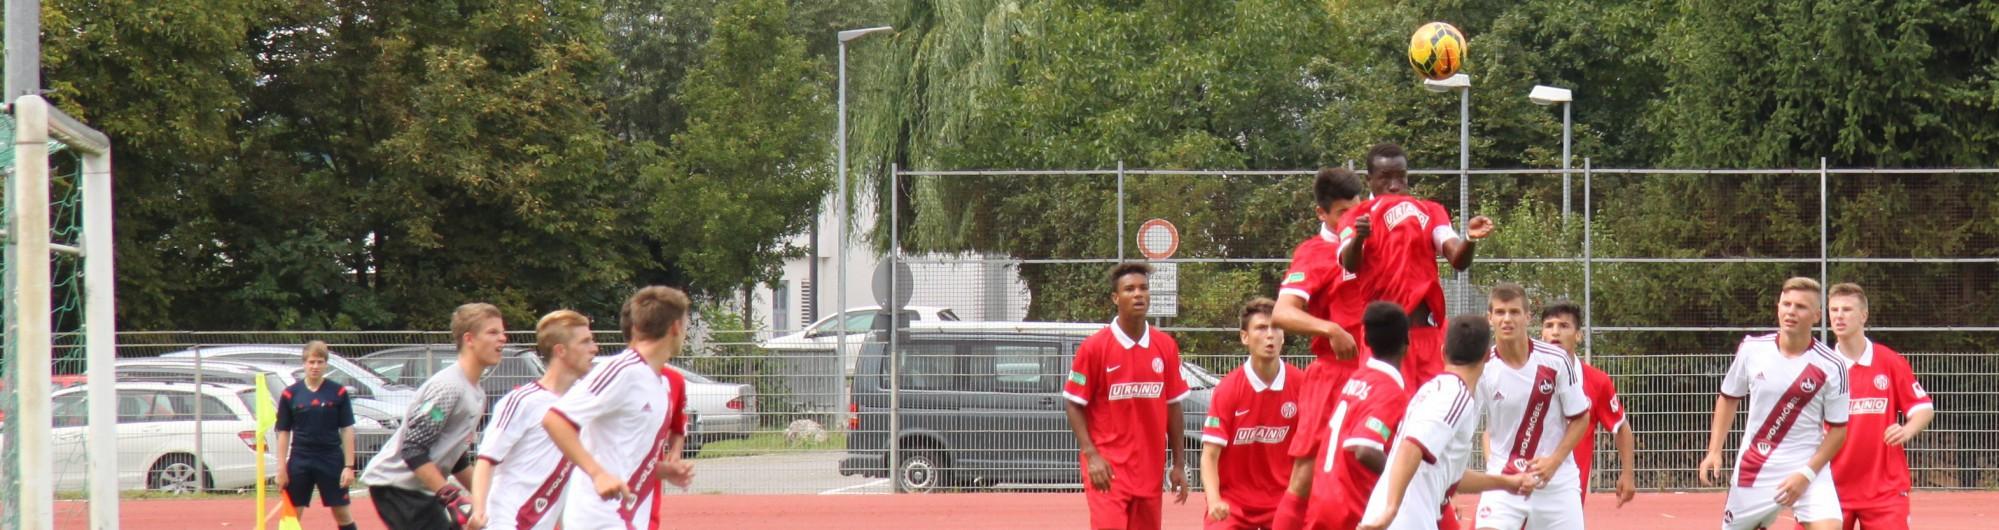 FRAsport Online